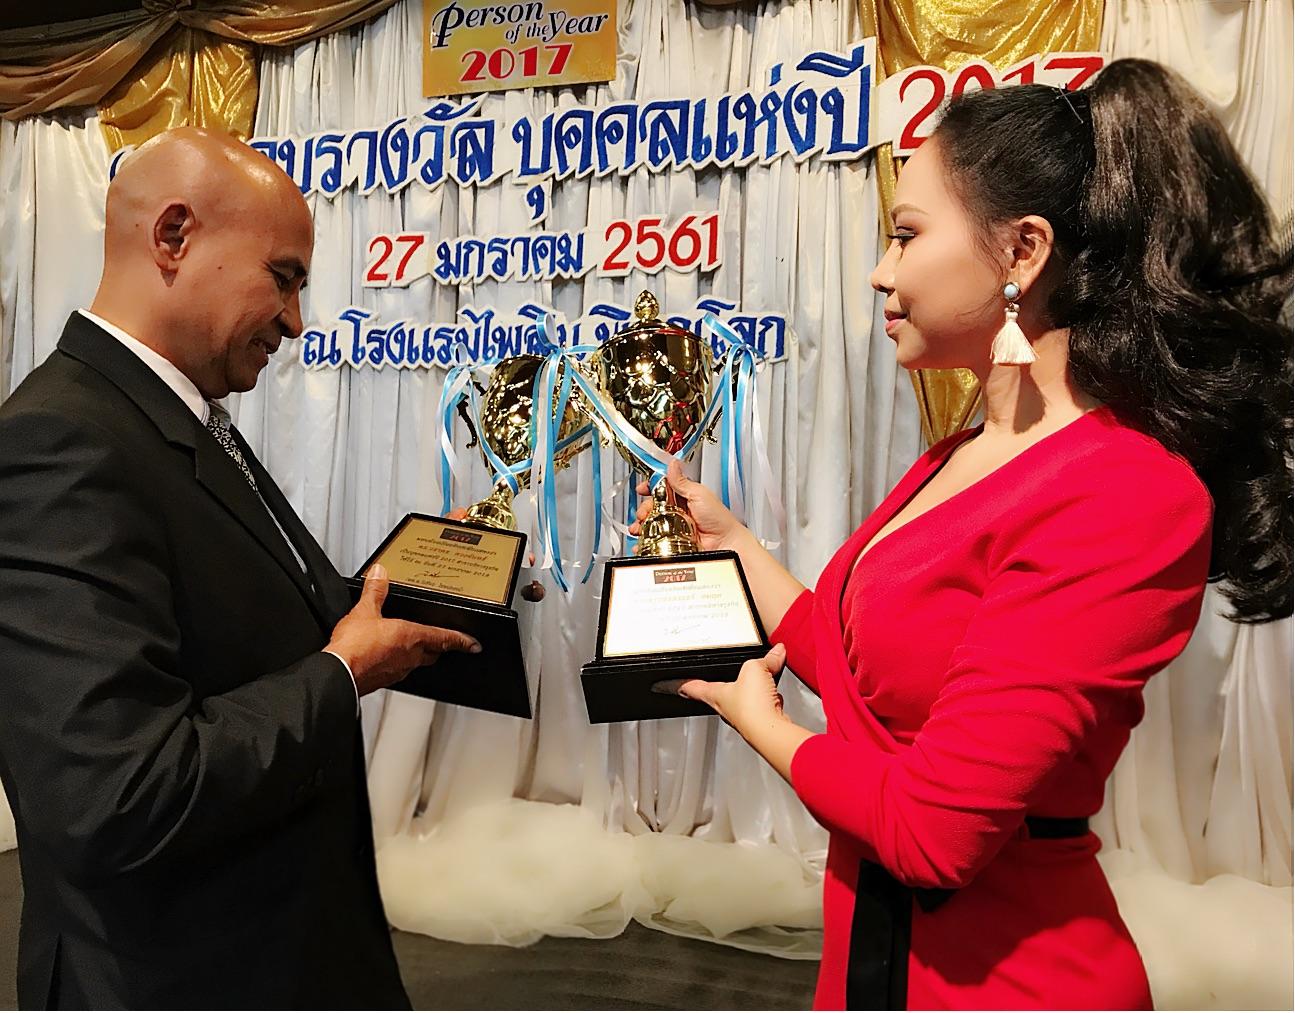 รางวัลบุคคลแห่งปี 2017